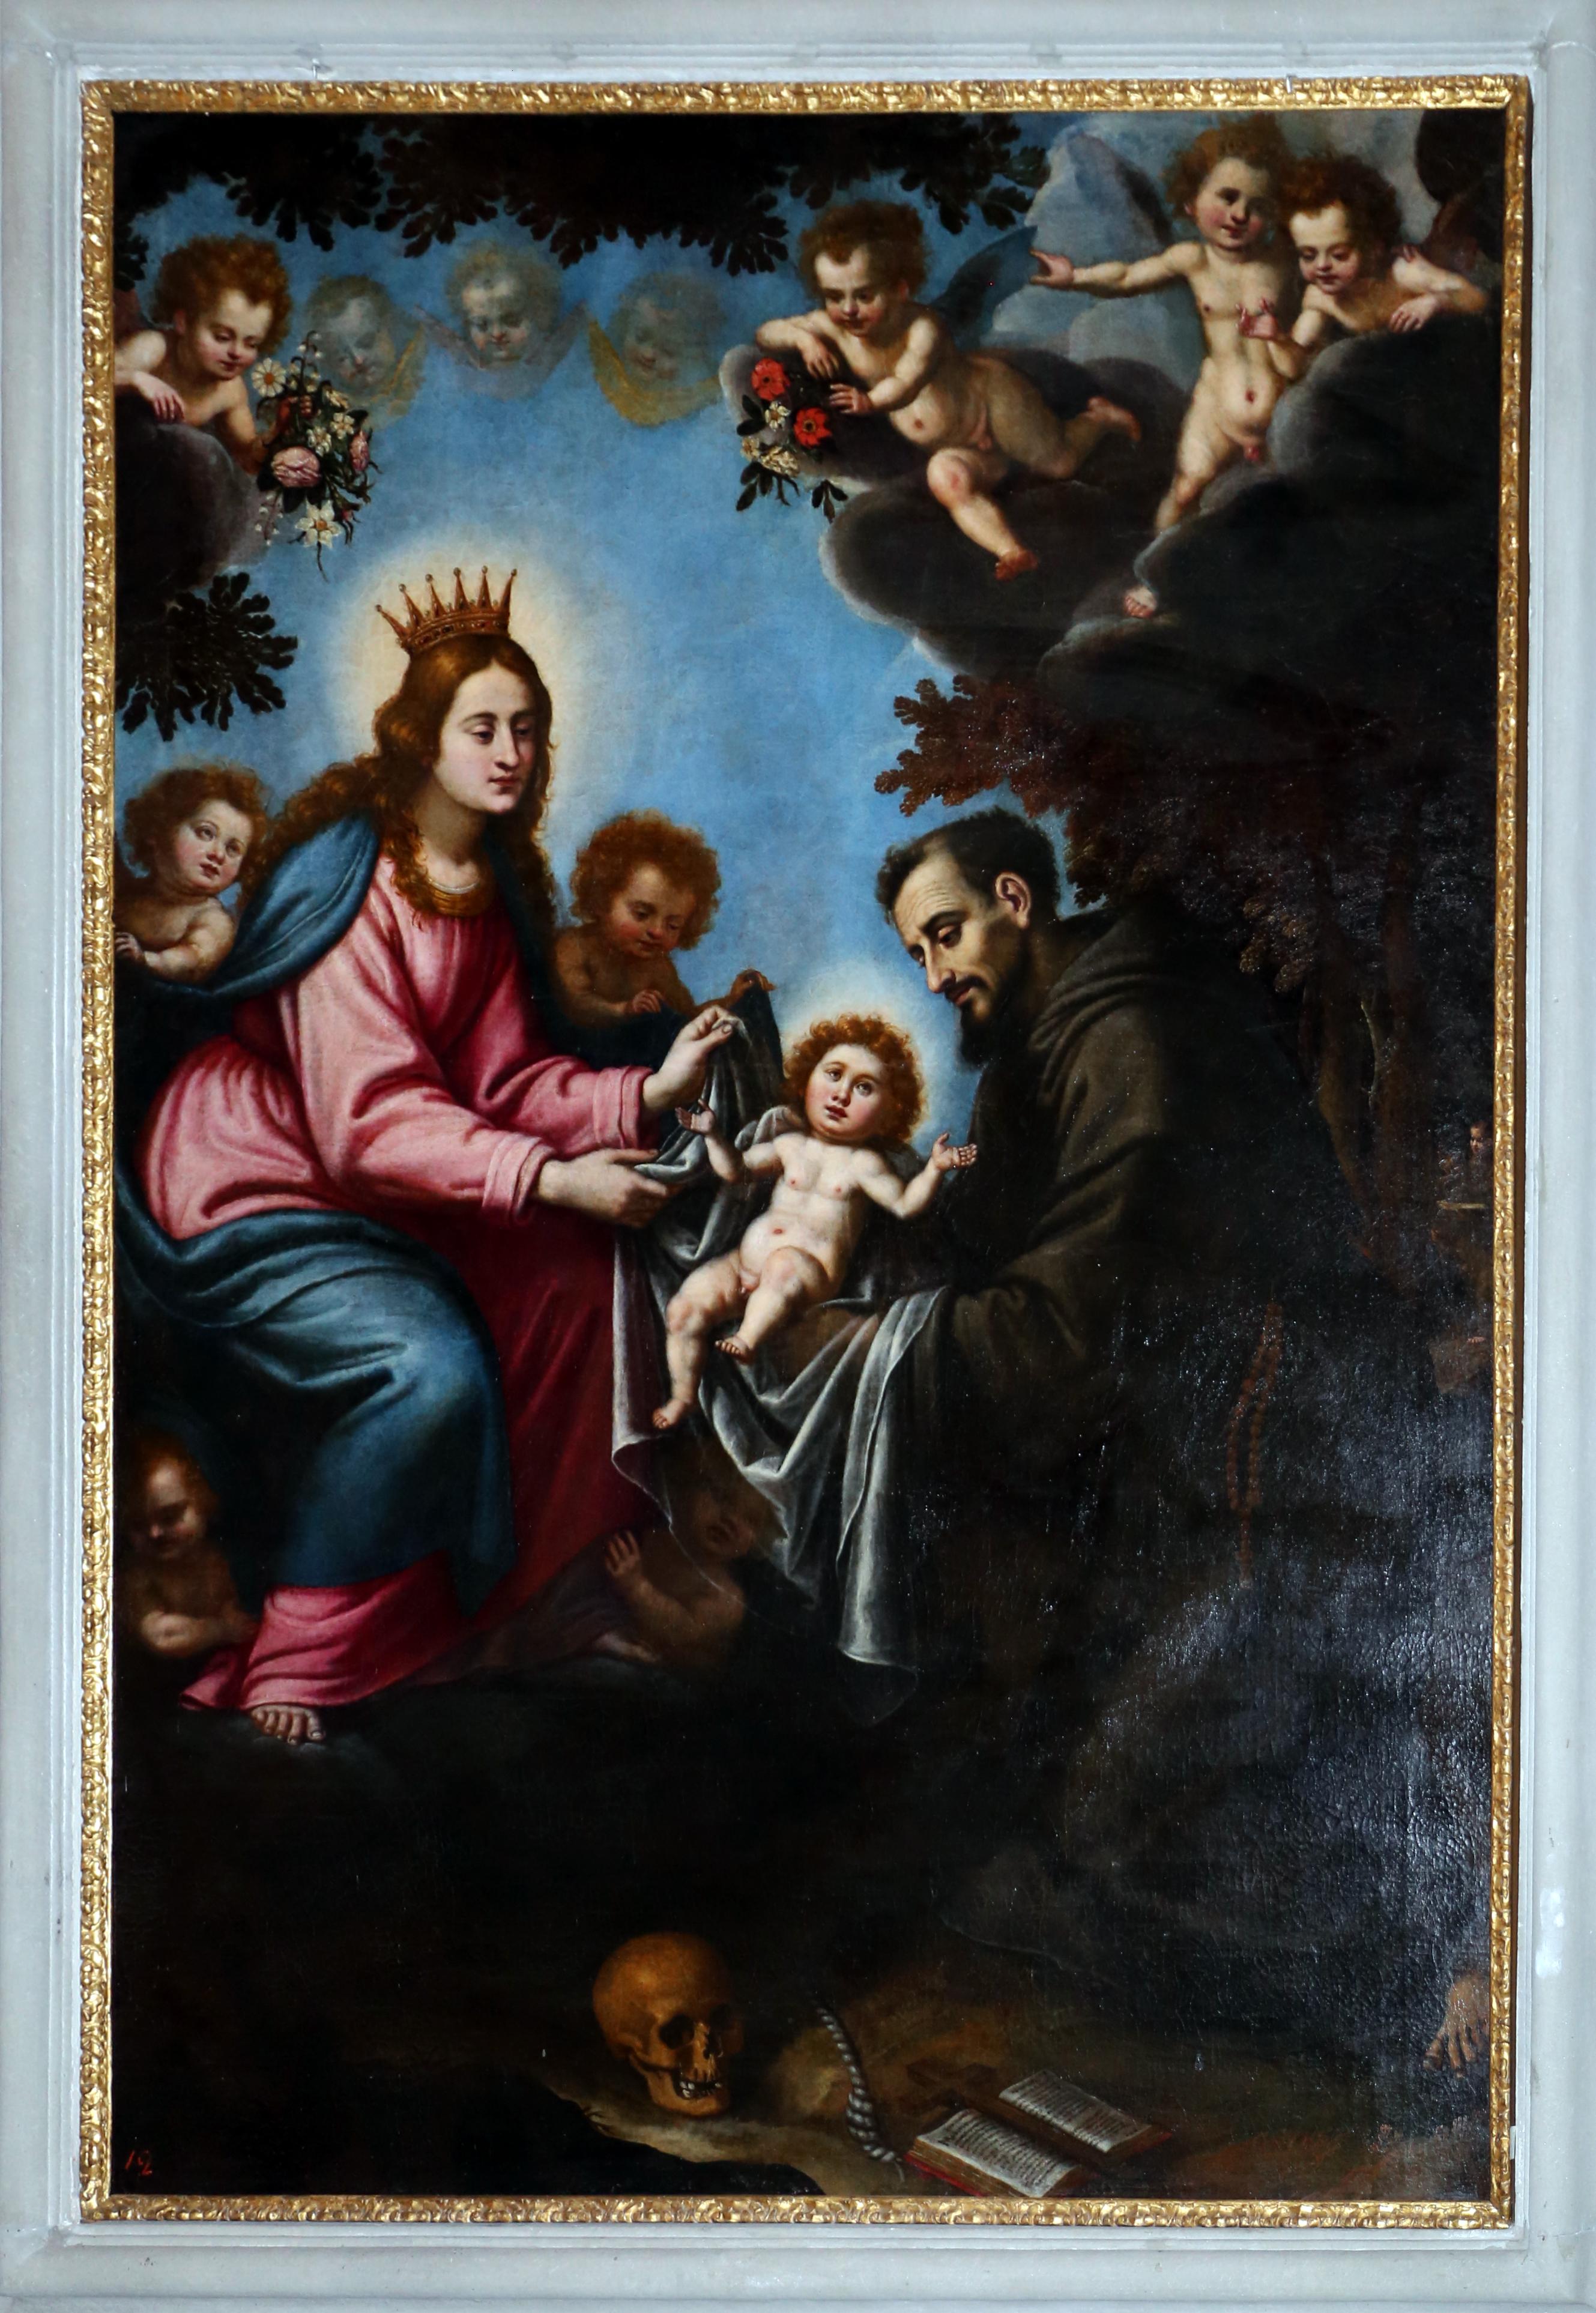 Gesu Bambino Dalla.File Scuola Del Rosselli San Francesco D Assisi Riceve Gesu Bambino Dalla Madonna 1600 50 Ca 01 Jpg Wikimedia Commons